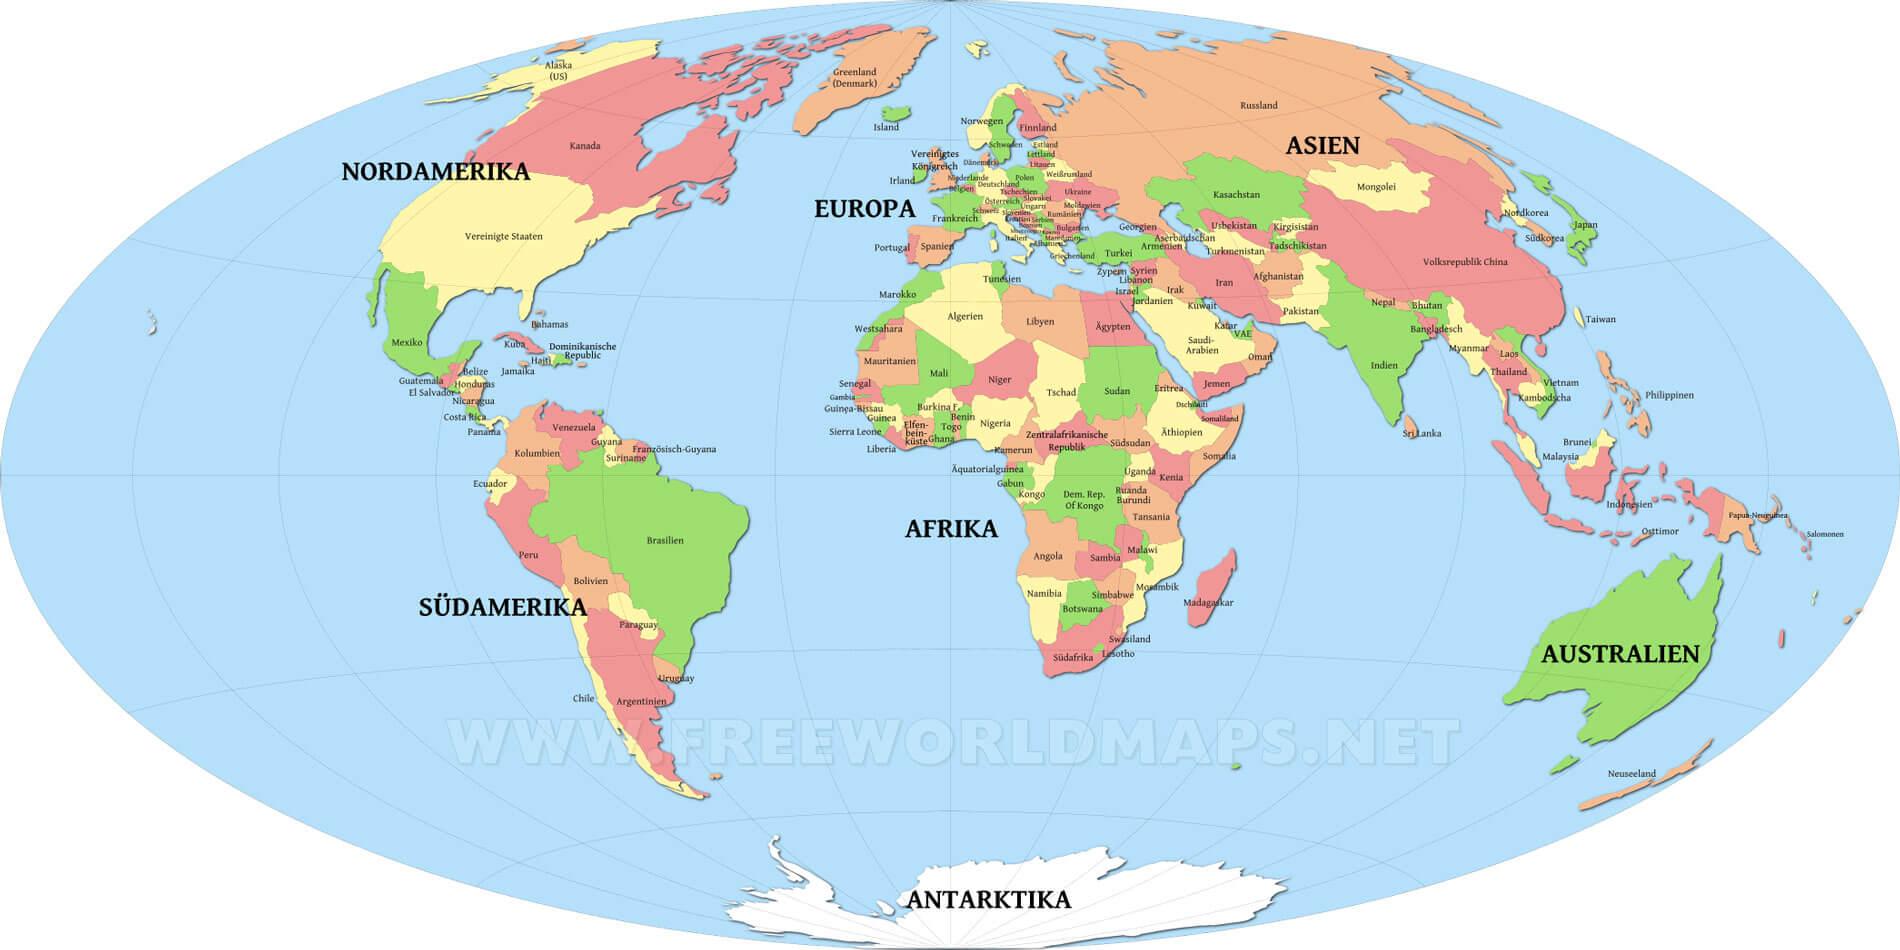 weltkarte staaten Weltkarten kostenlos   Freeworldmaps.net weltkarte staaten